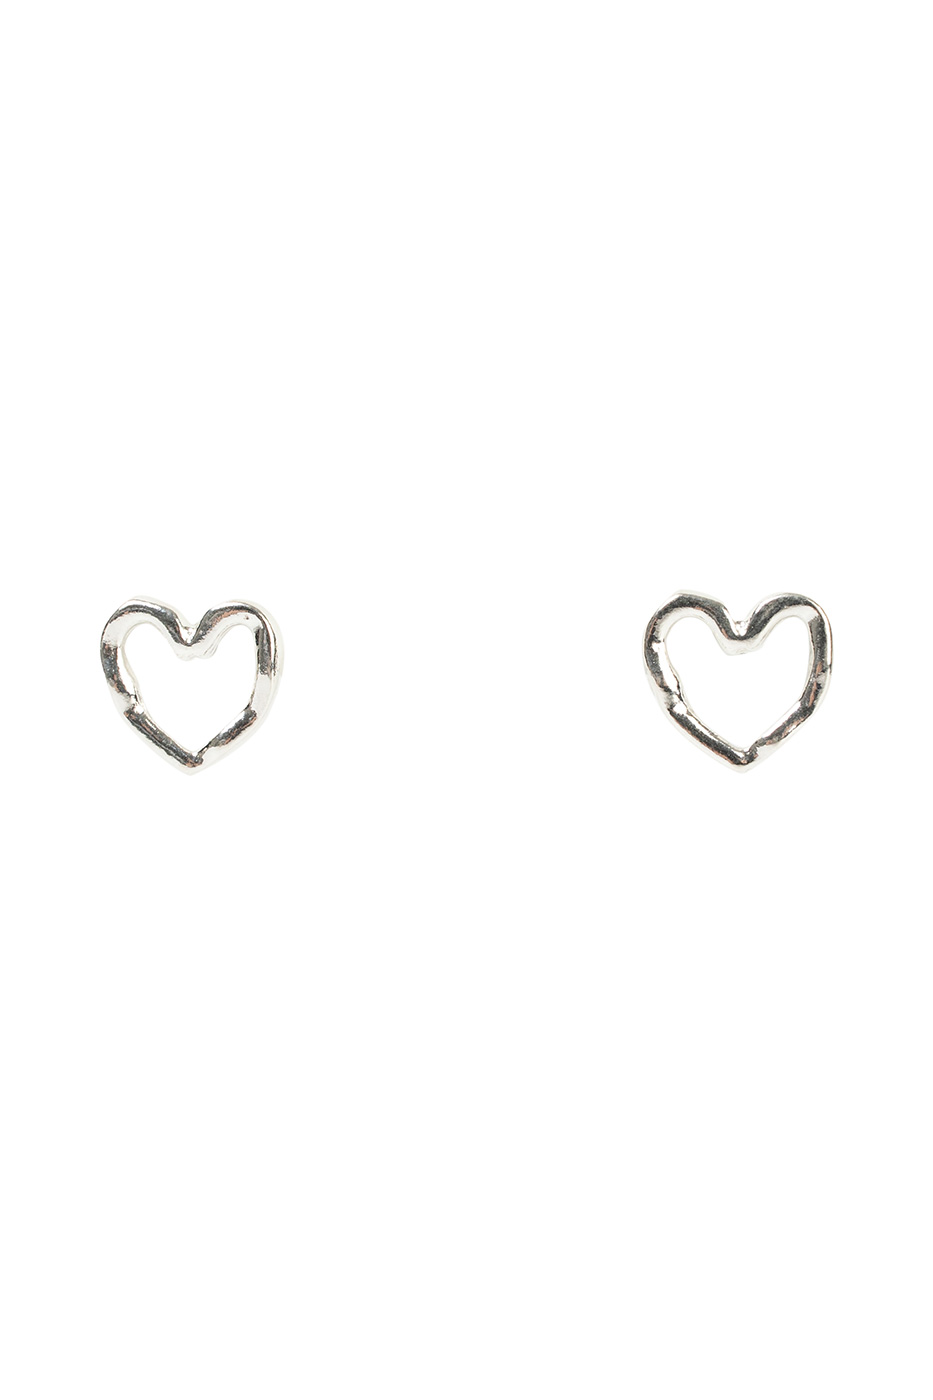 Heart crunch earrings